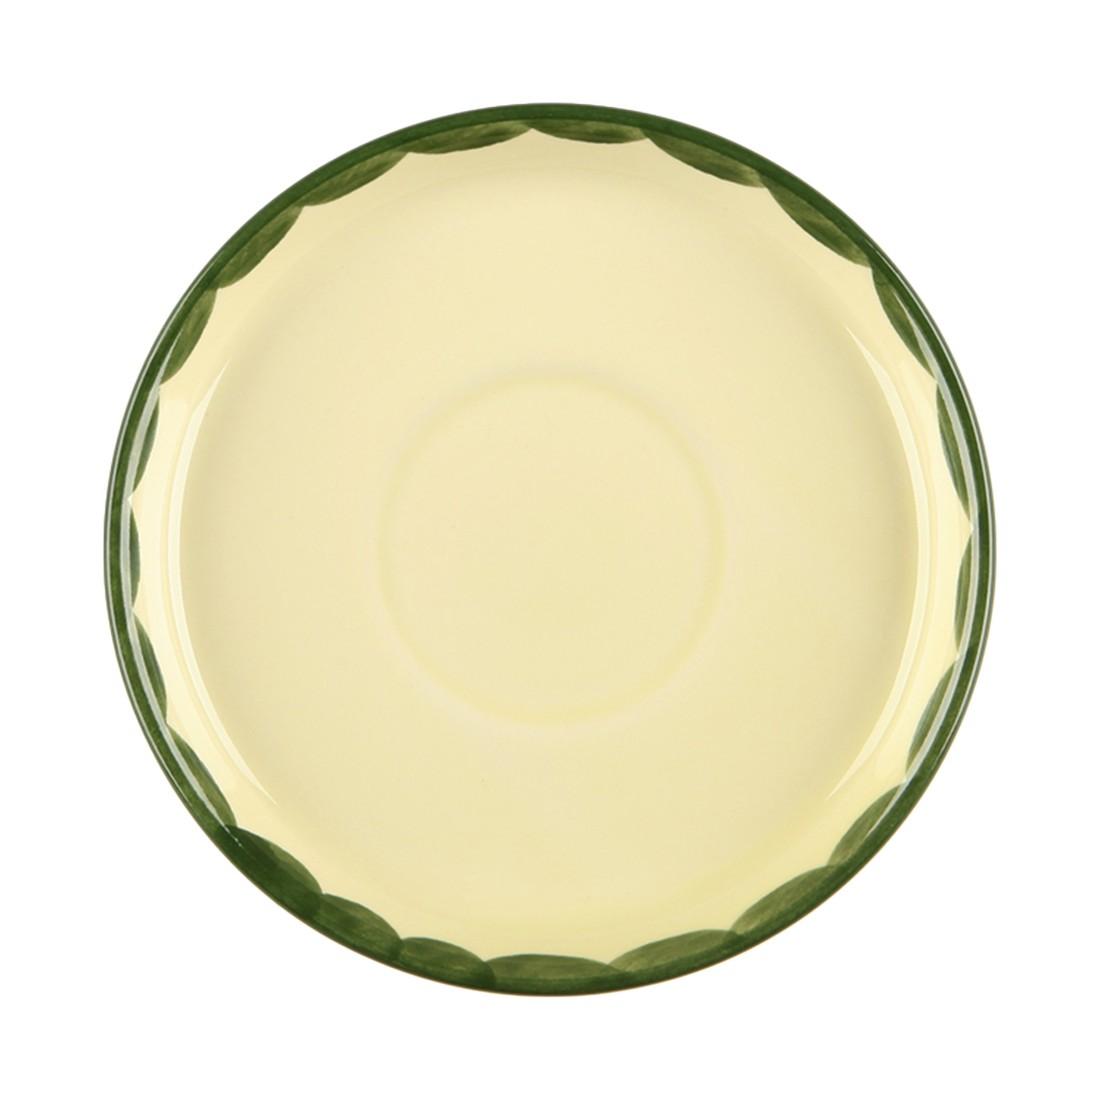 6er-Set Kaffeeuntertasse Hahn und Henne – Keramik Creme, Zeller Keramik online bestellen